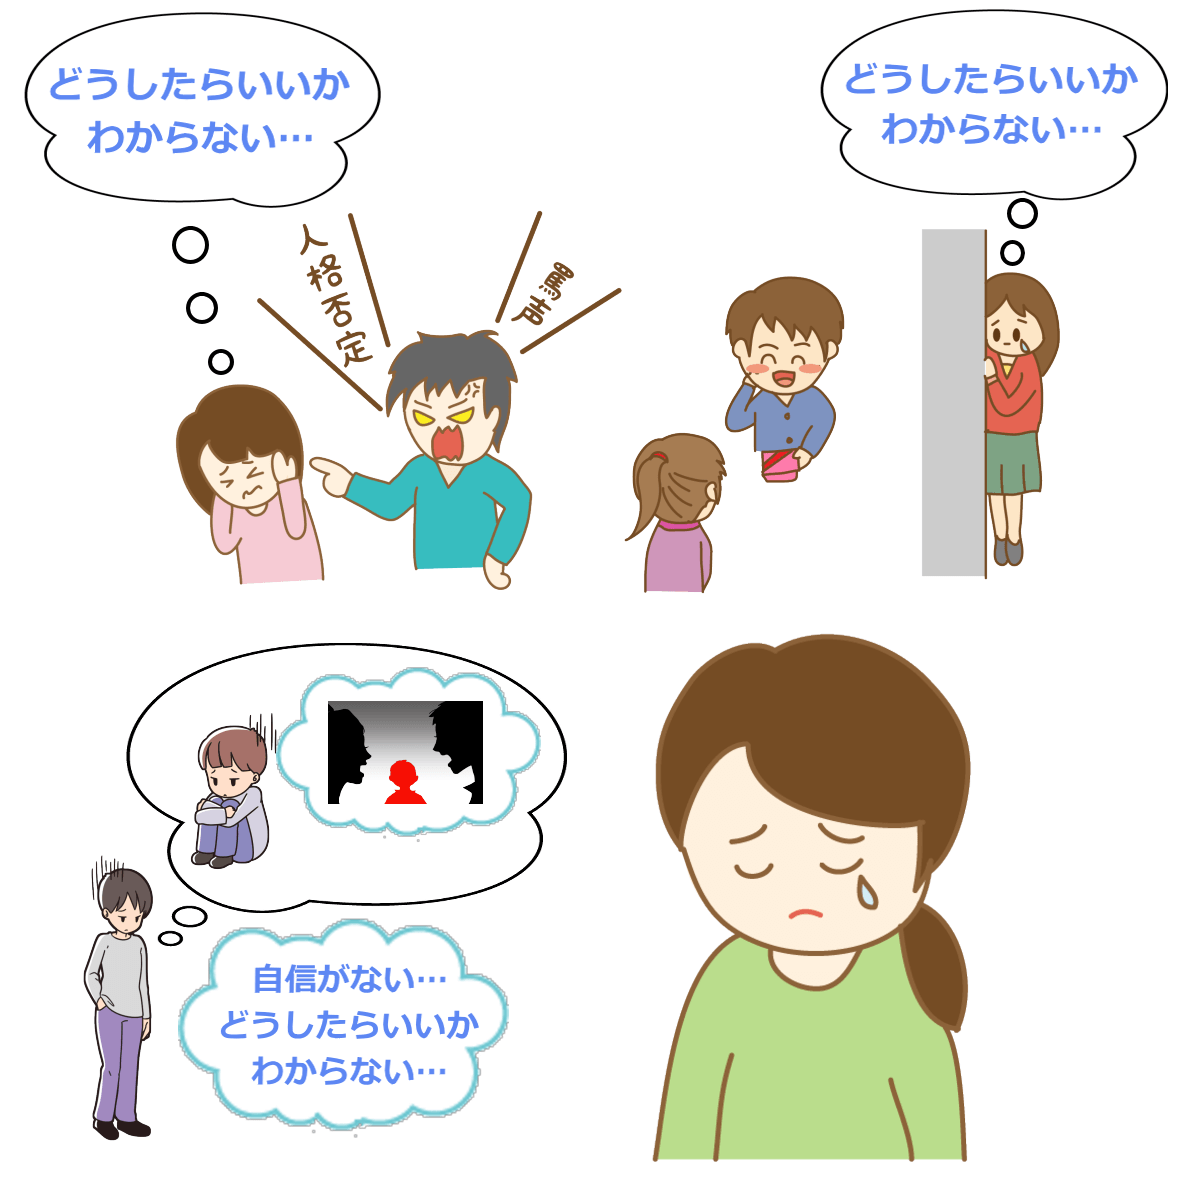 どうしたらいいかわからない心理_恋愛編のイラスト